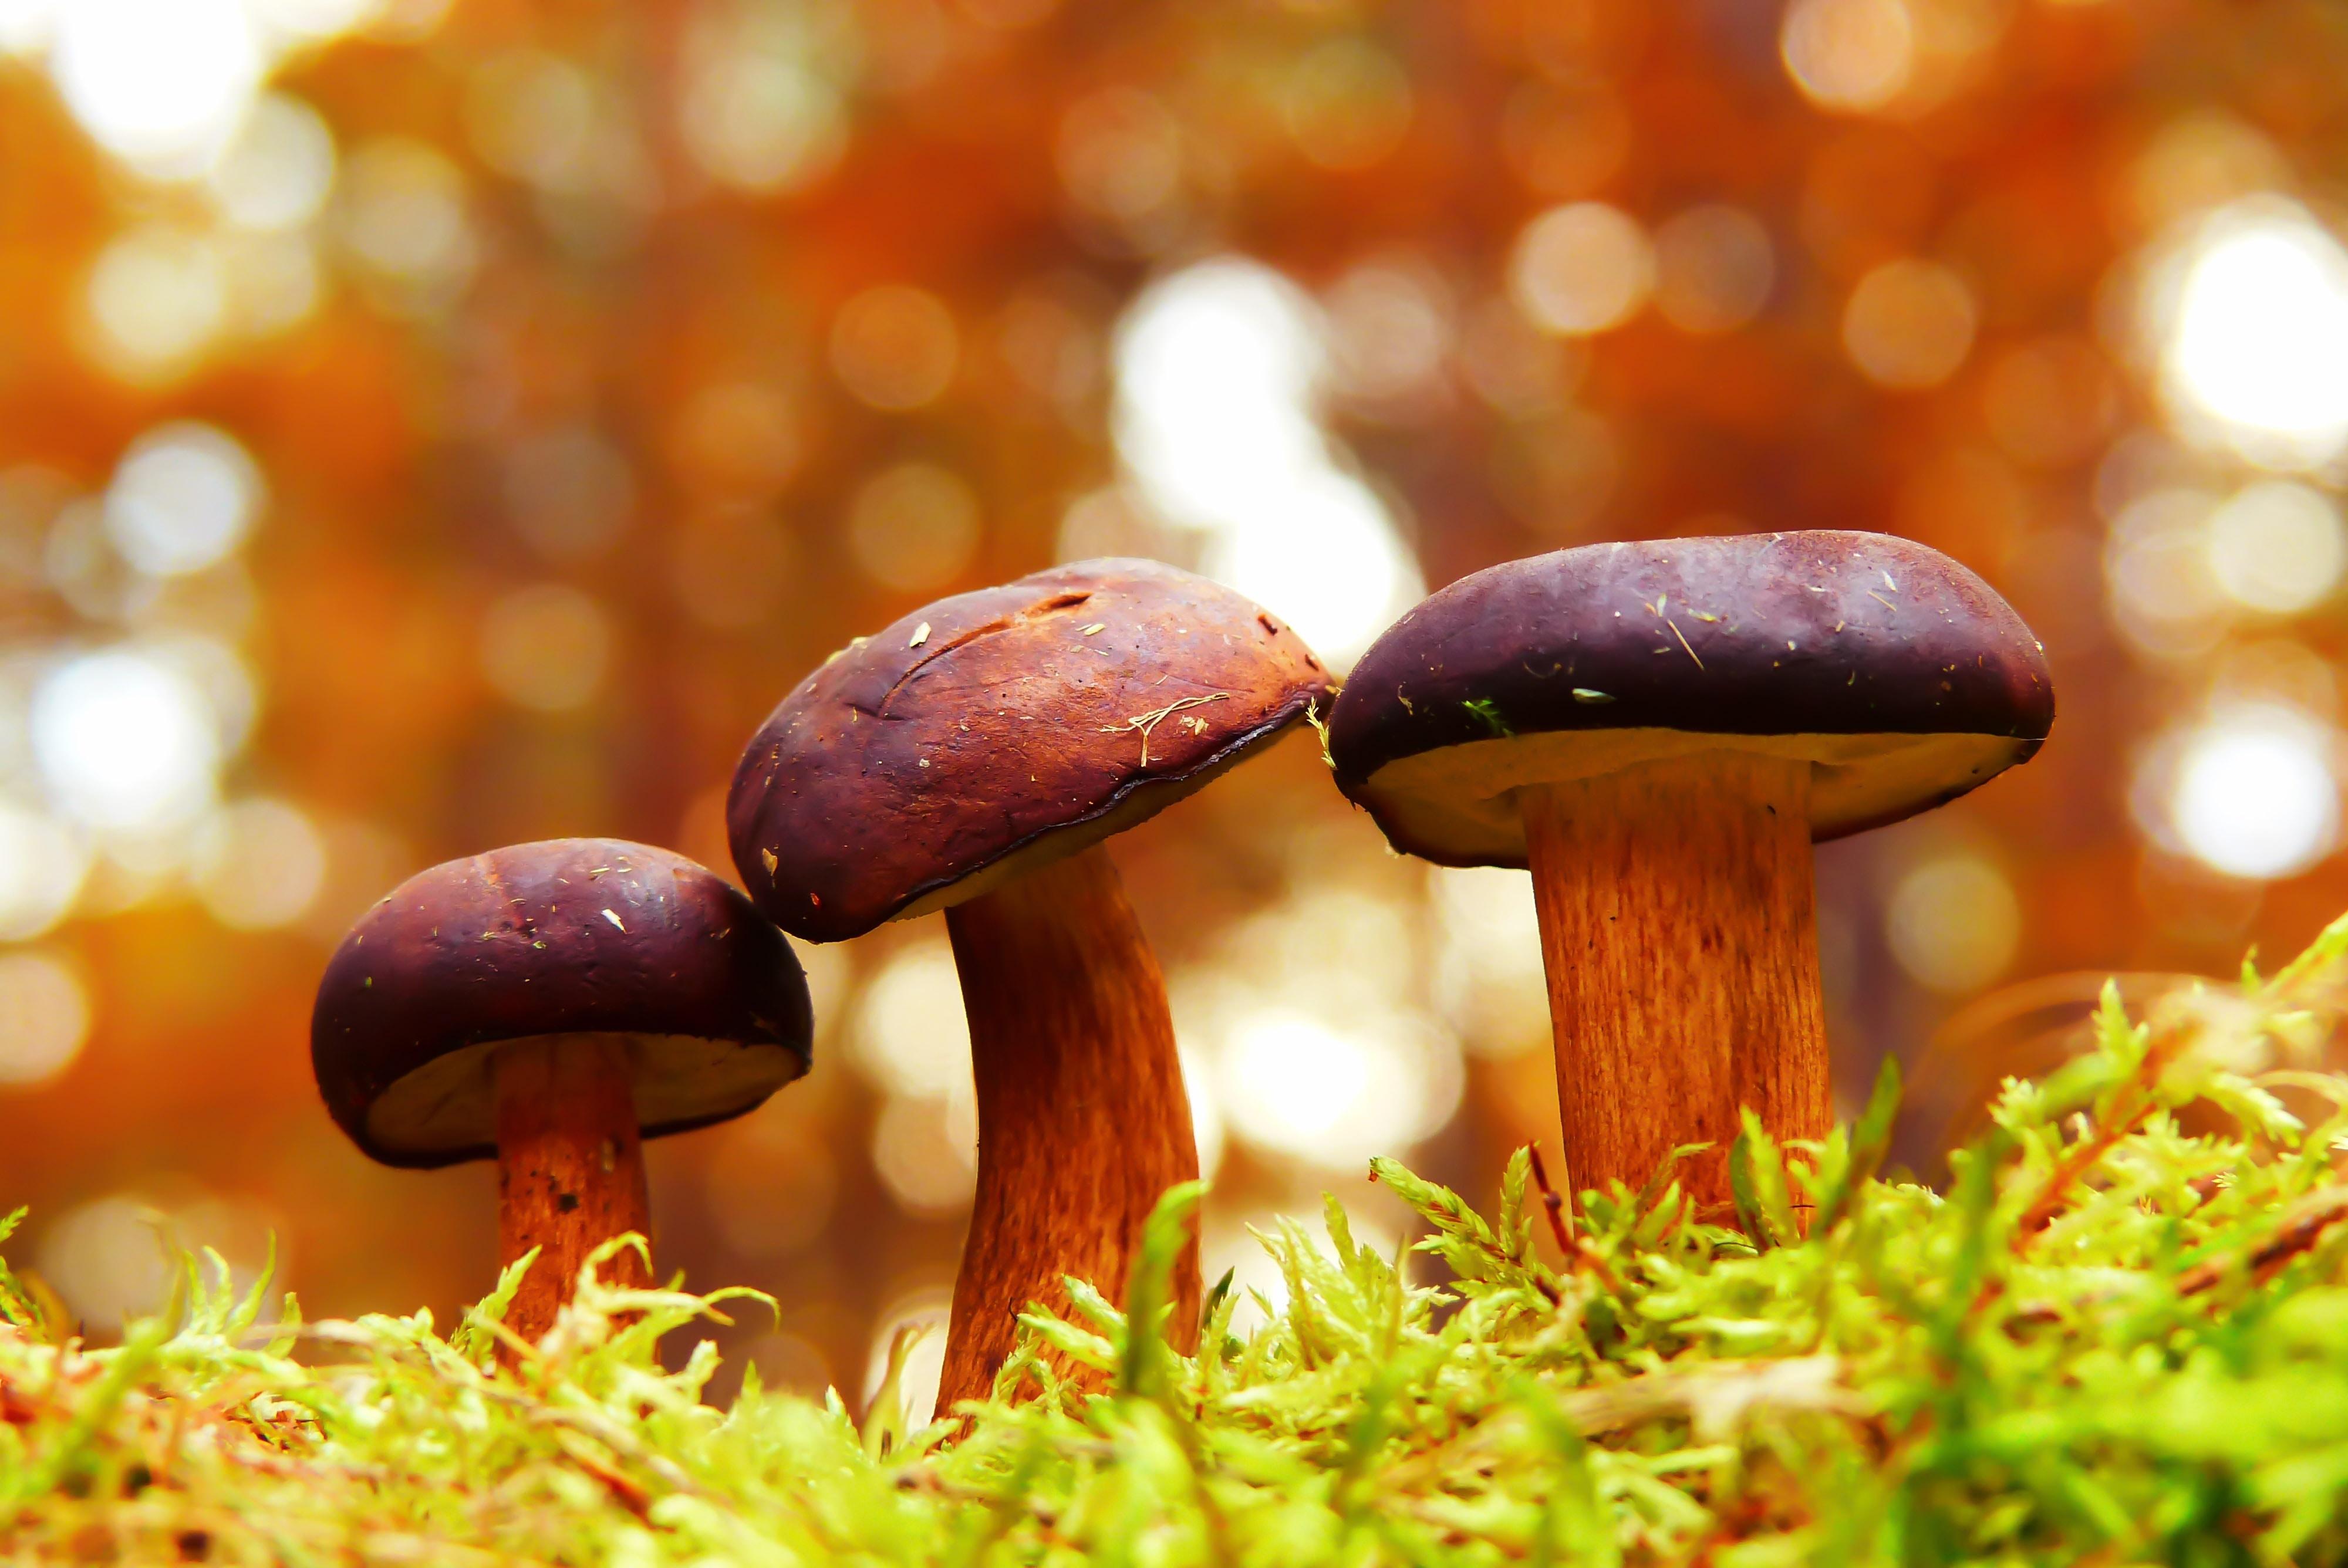 Podgrzybki w lesie rudnickim w Grudziądzu